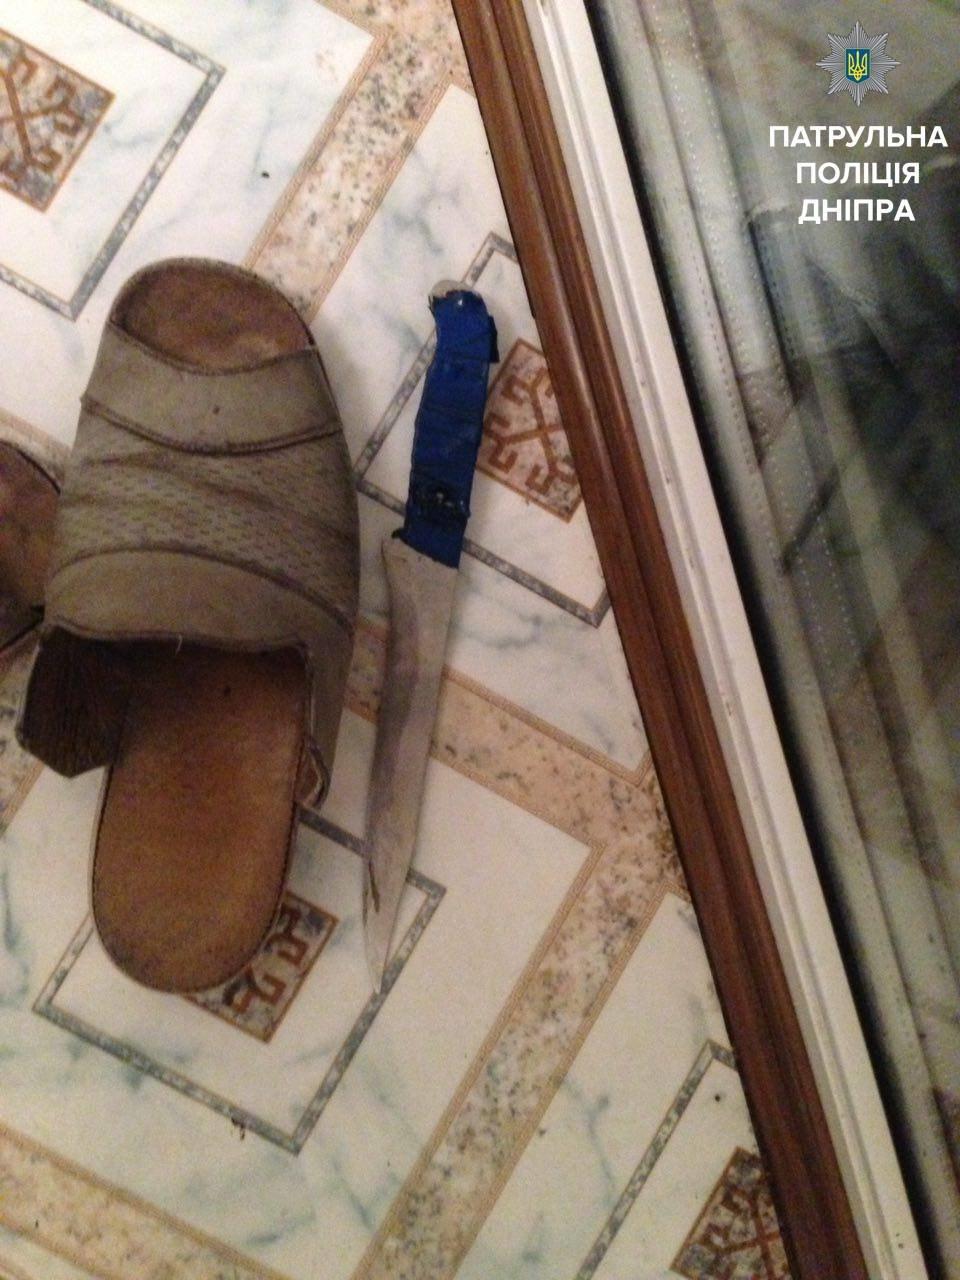 В Днепре неизвестный ворвался в дом и угрожал людям (ФОТО), фото-2